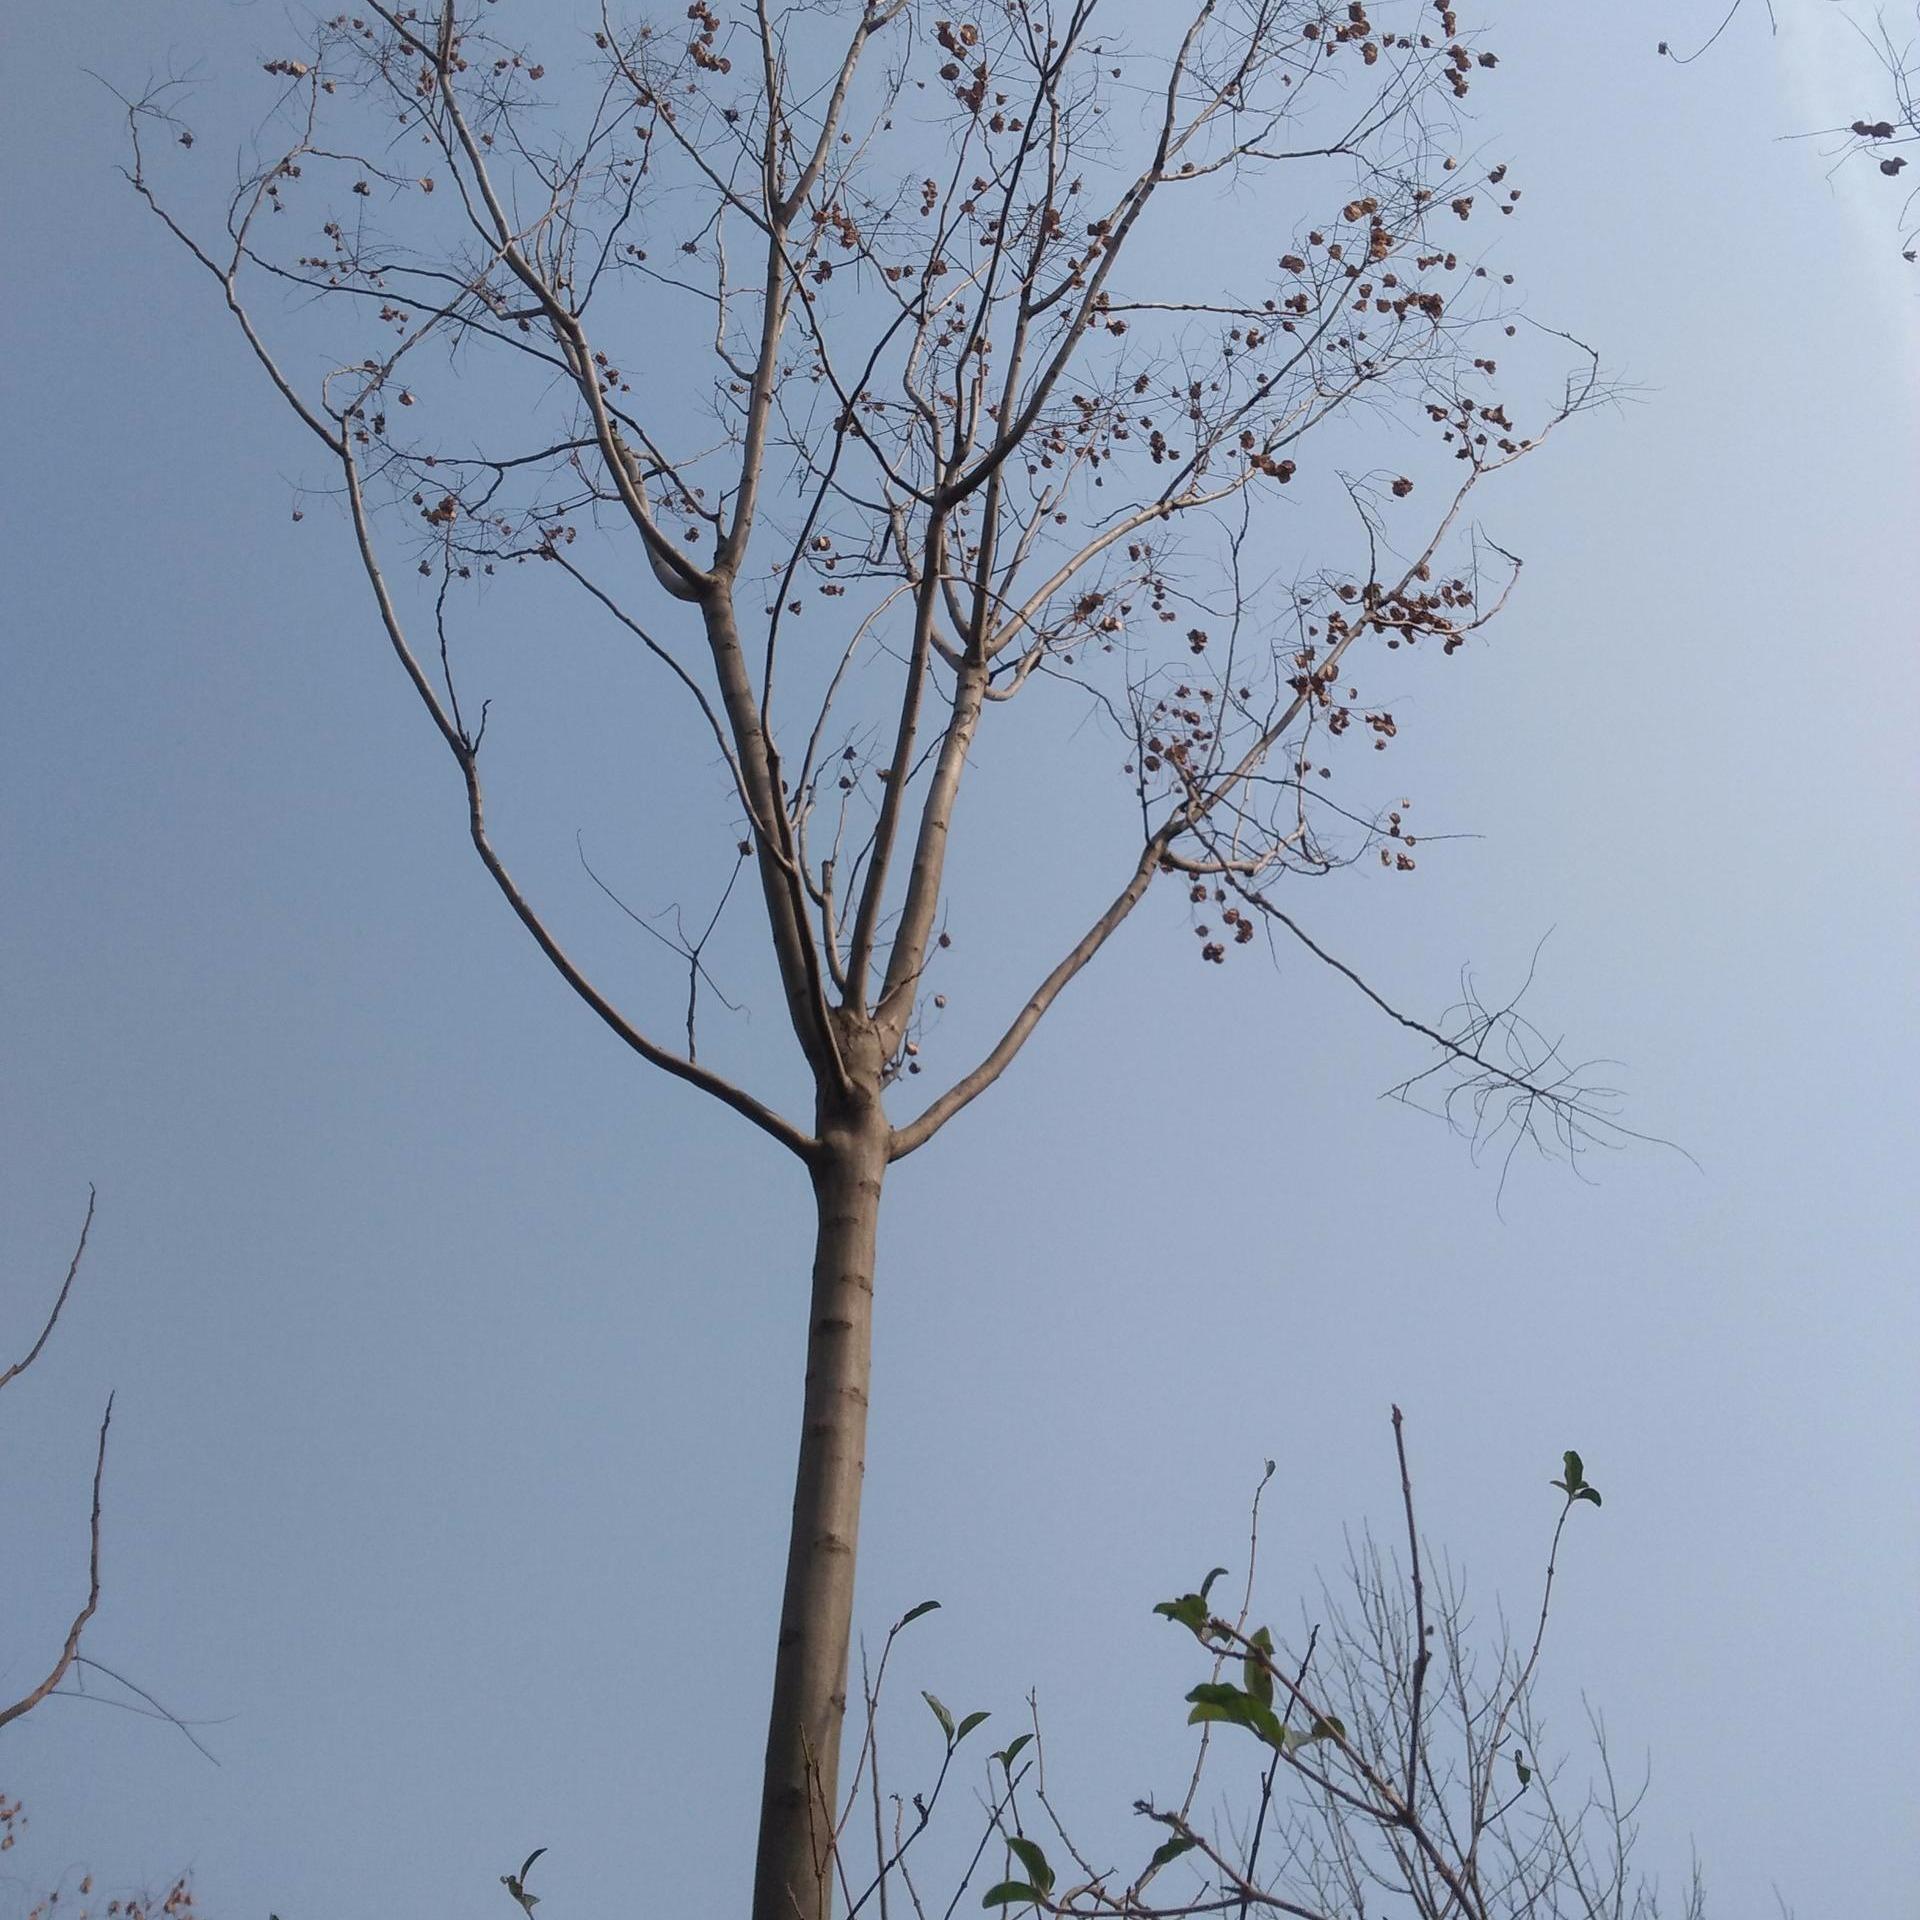 供應欒樹,黃山欒樹,河南欒樹,16公分欒樹,苗木基地,干直冠圓